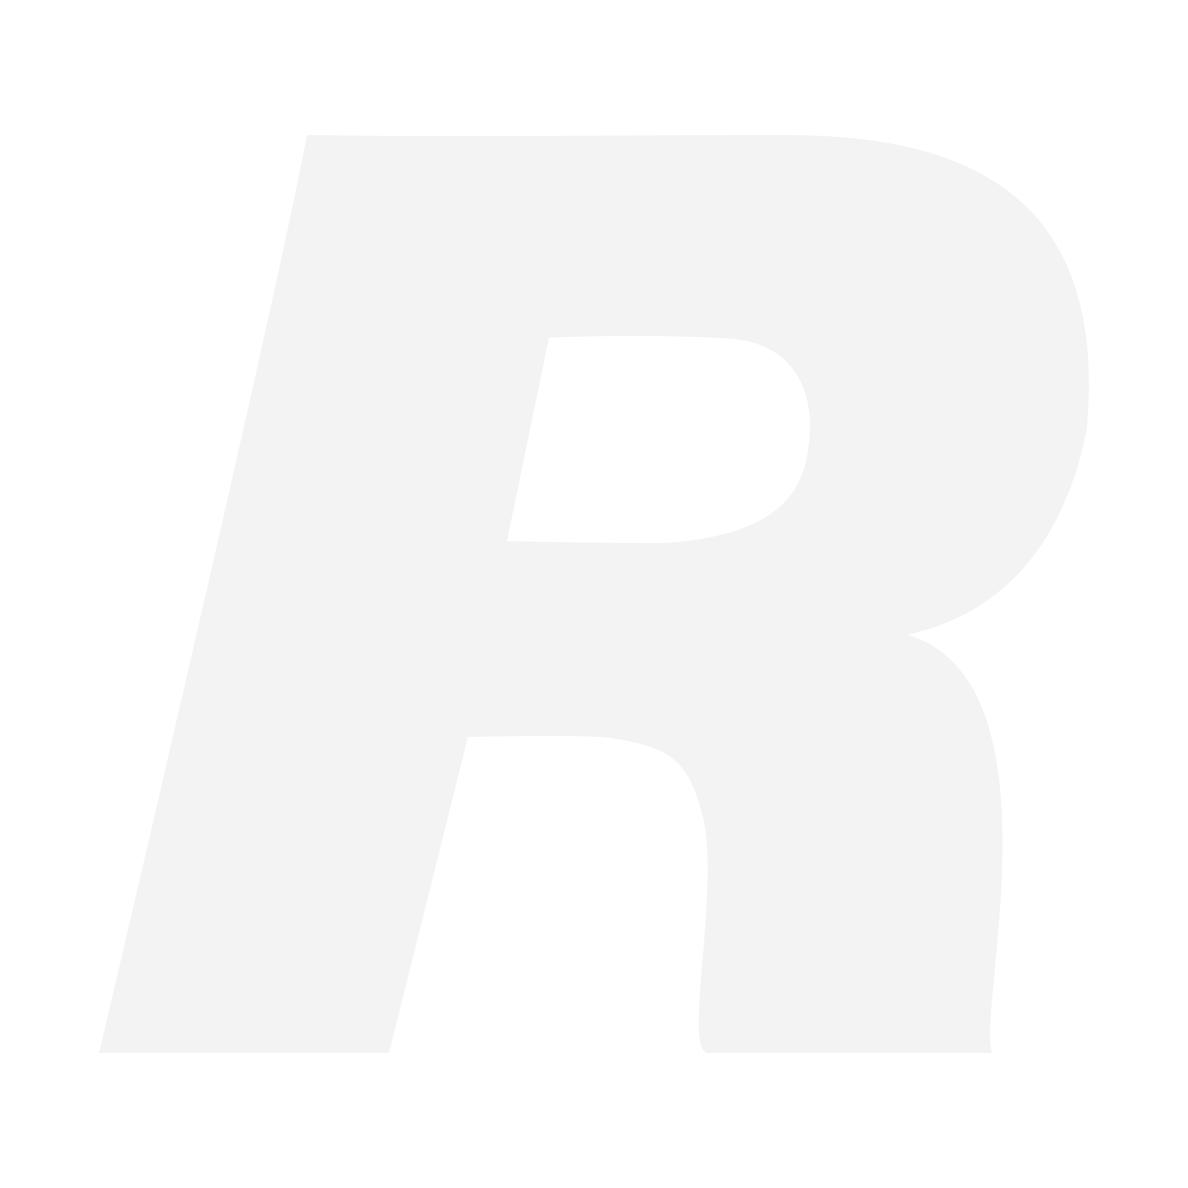 Sony A7R Mark II + FE 50/1.8 + HVL-F60M